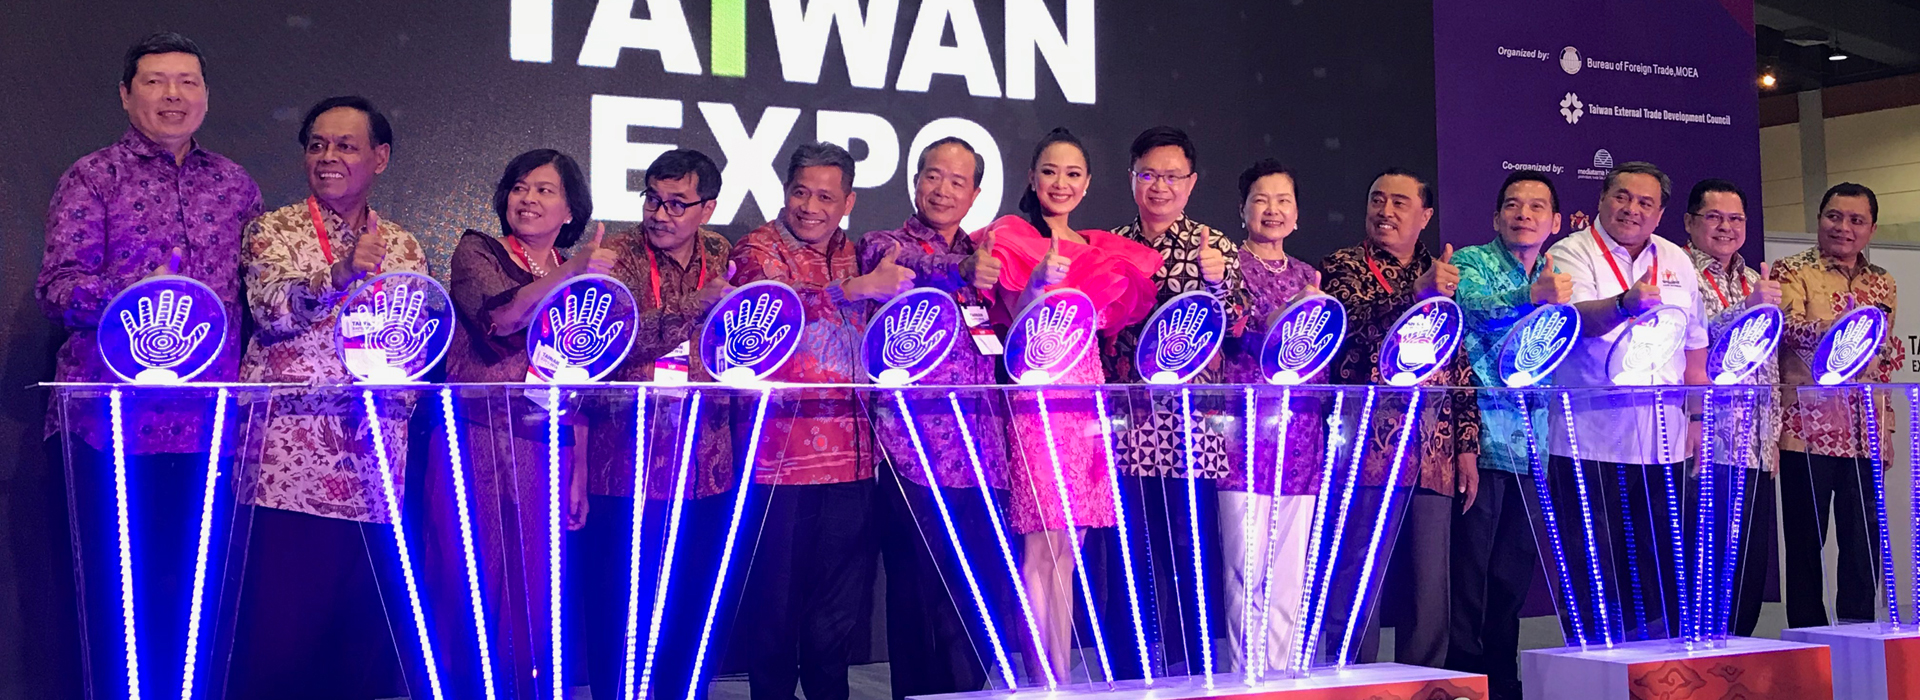 台灣形象展印尼開跑 促成商機可望成長兩成